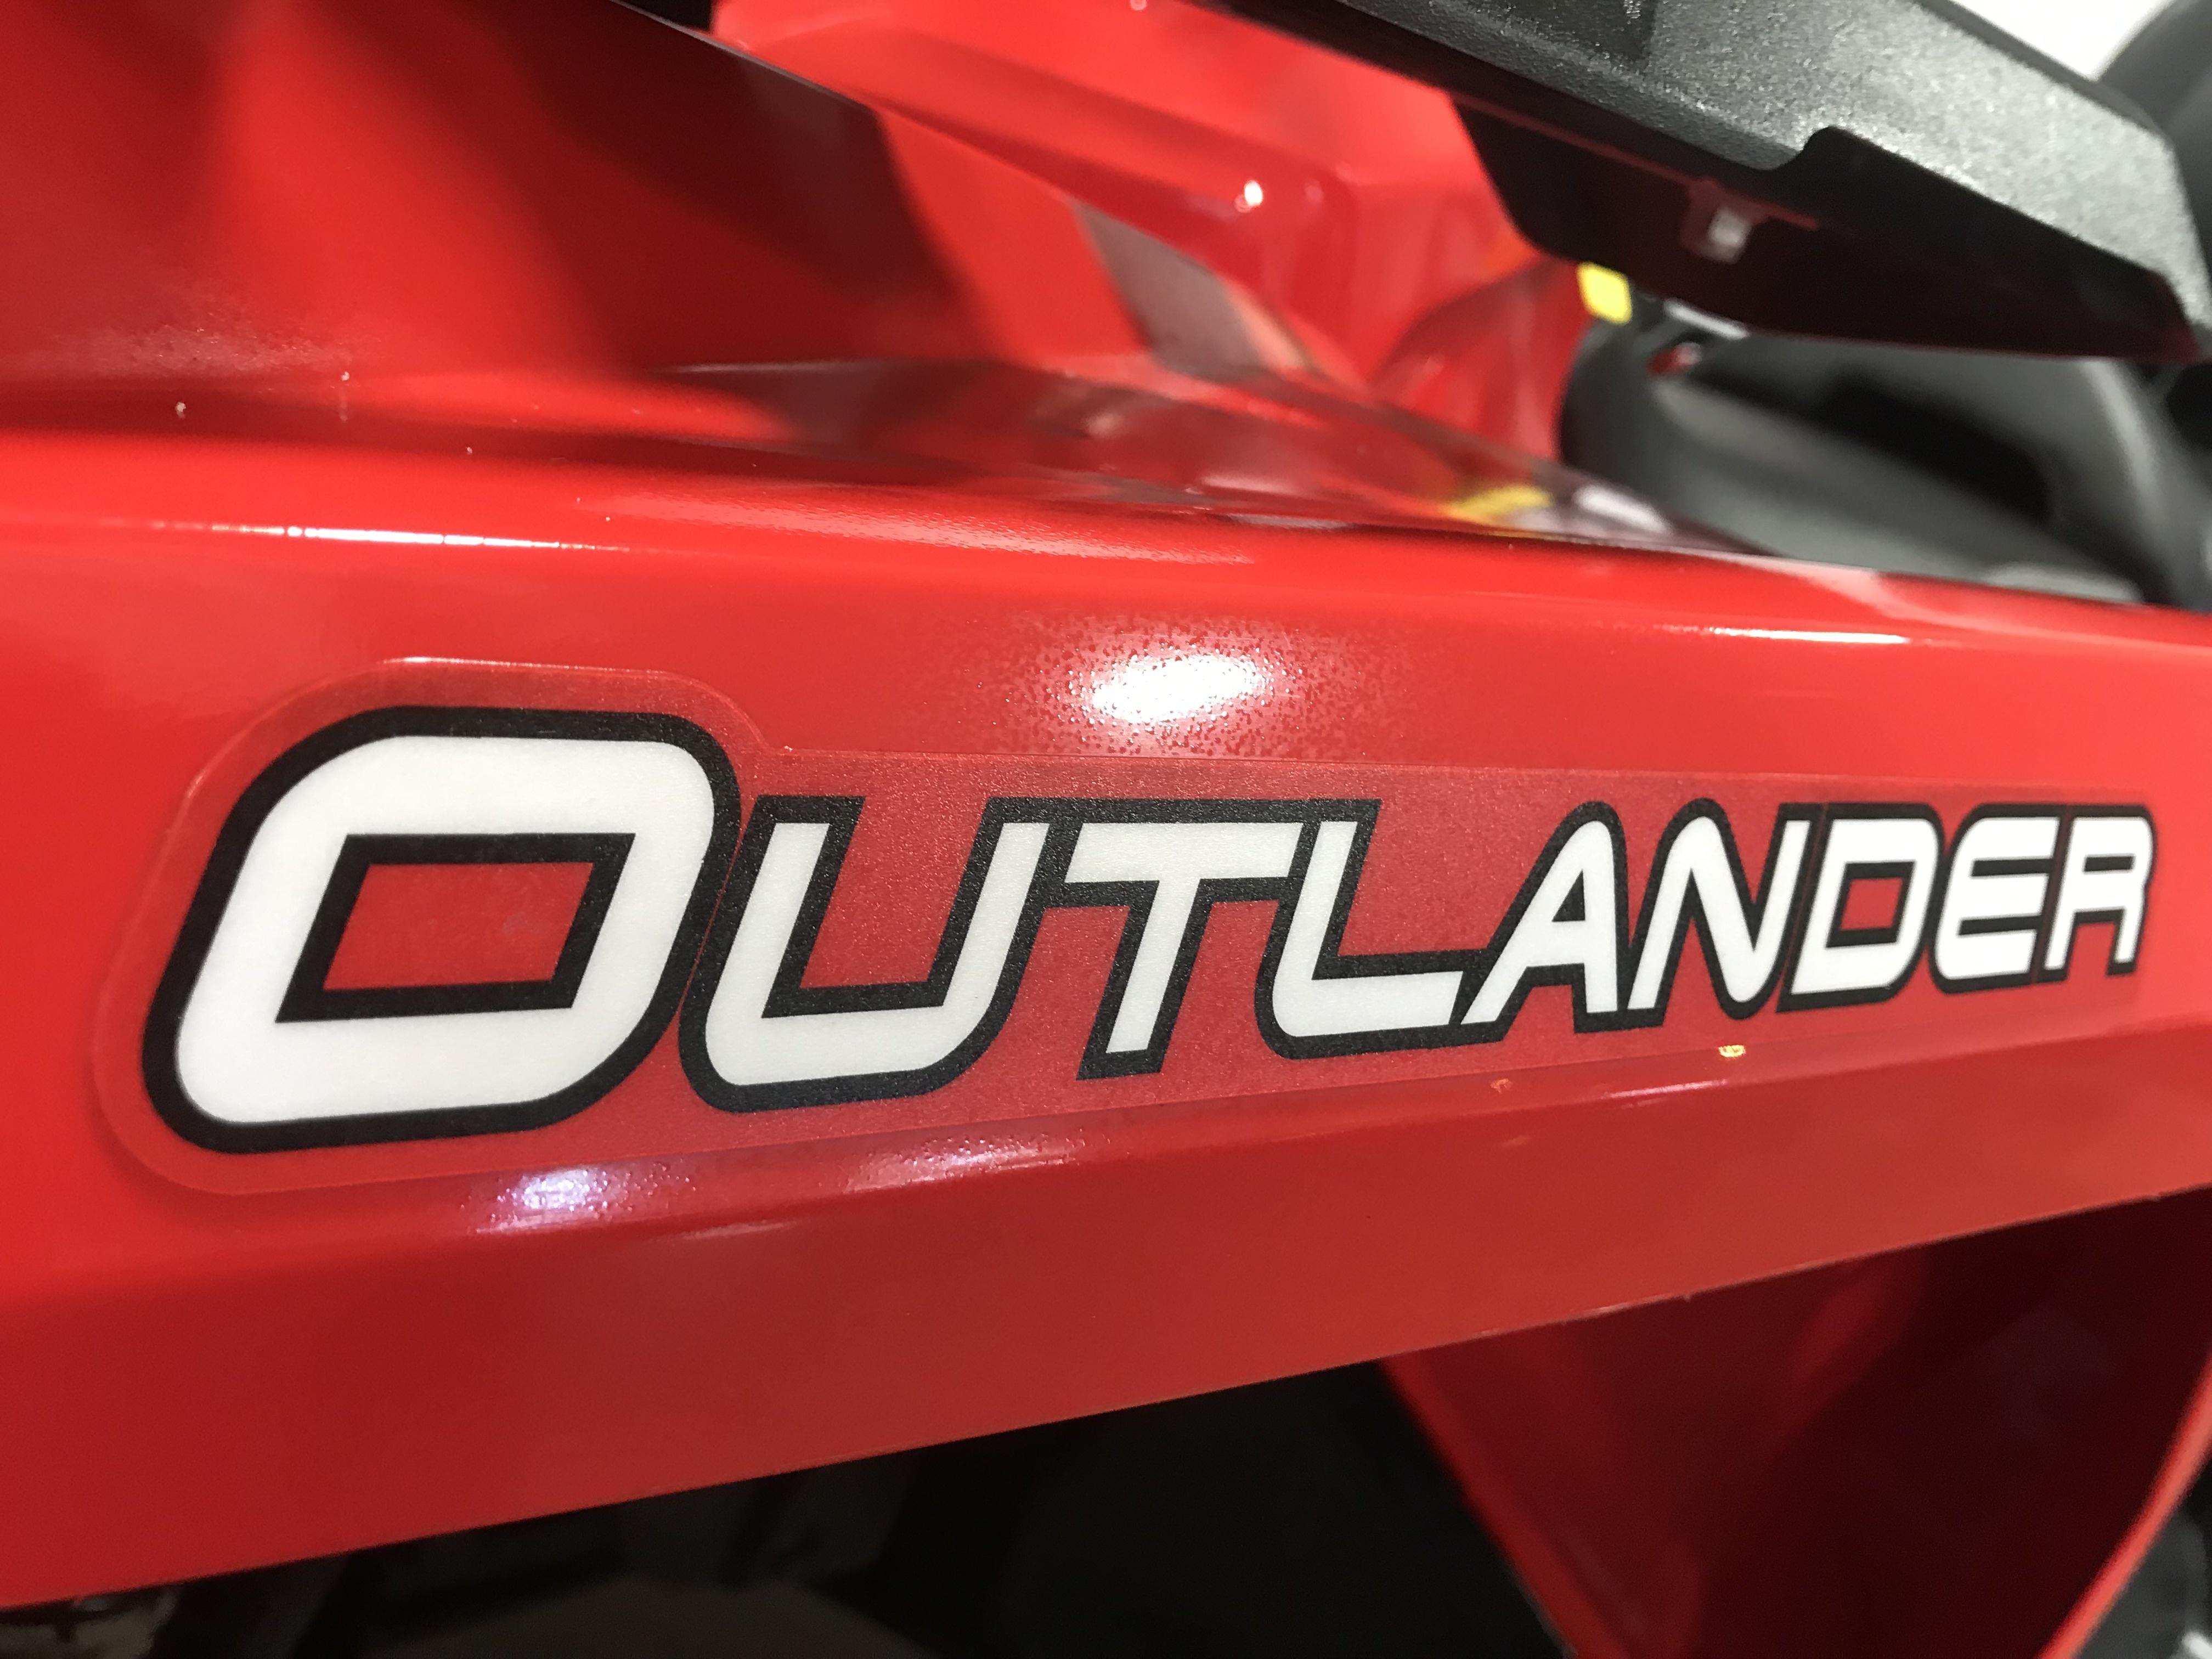 2013 Can-Am Outlander Max 650 XT